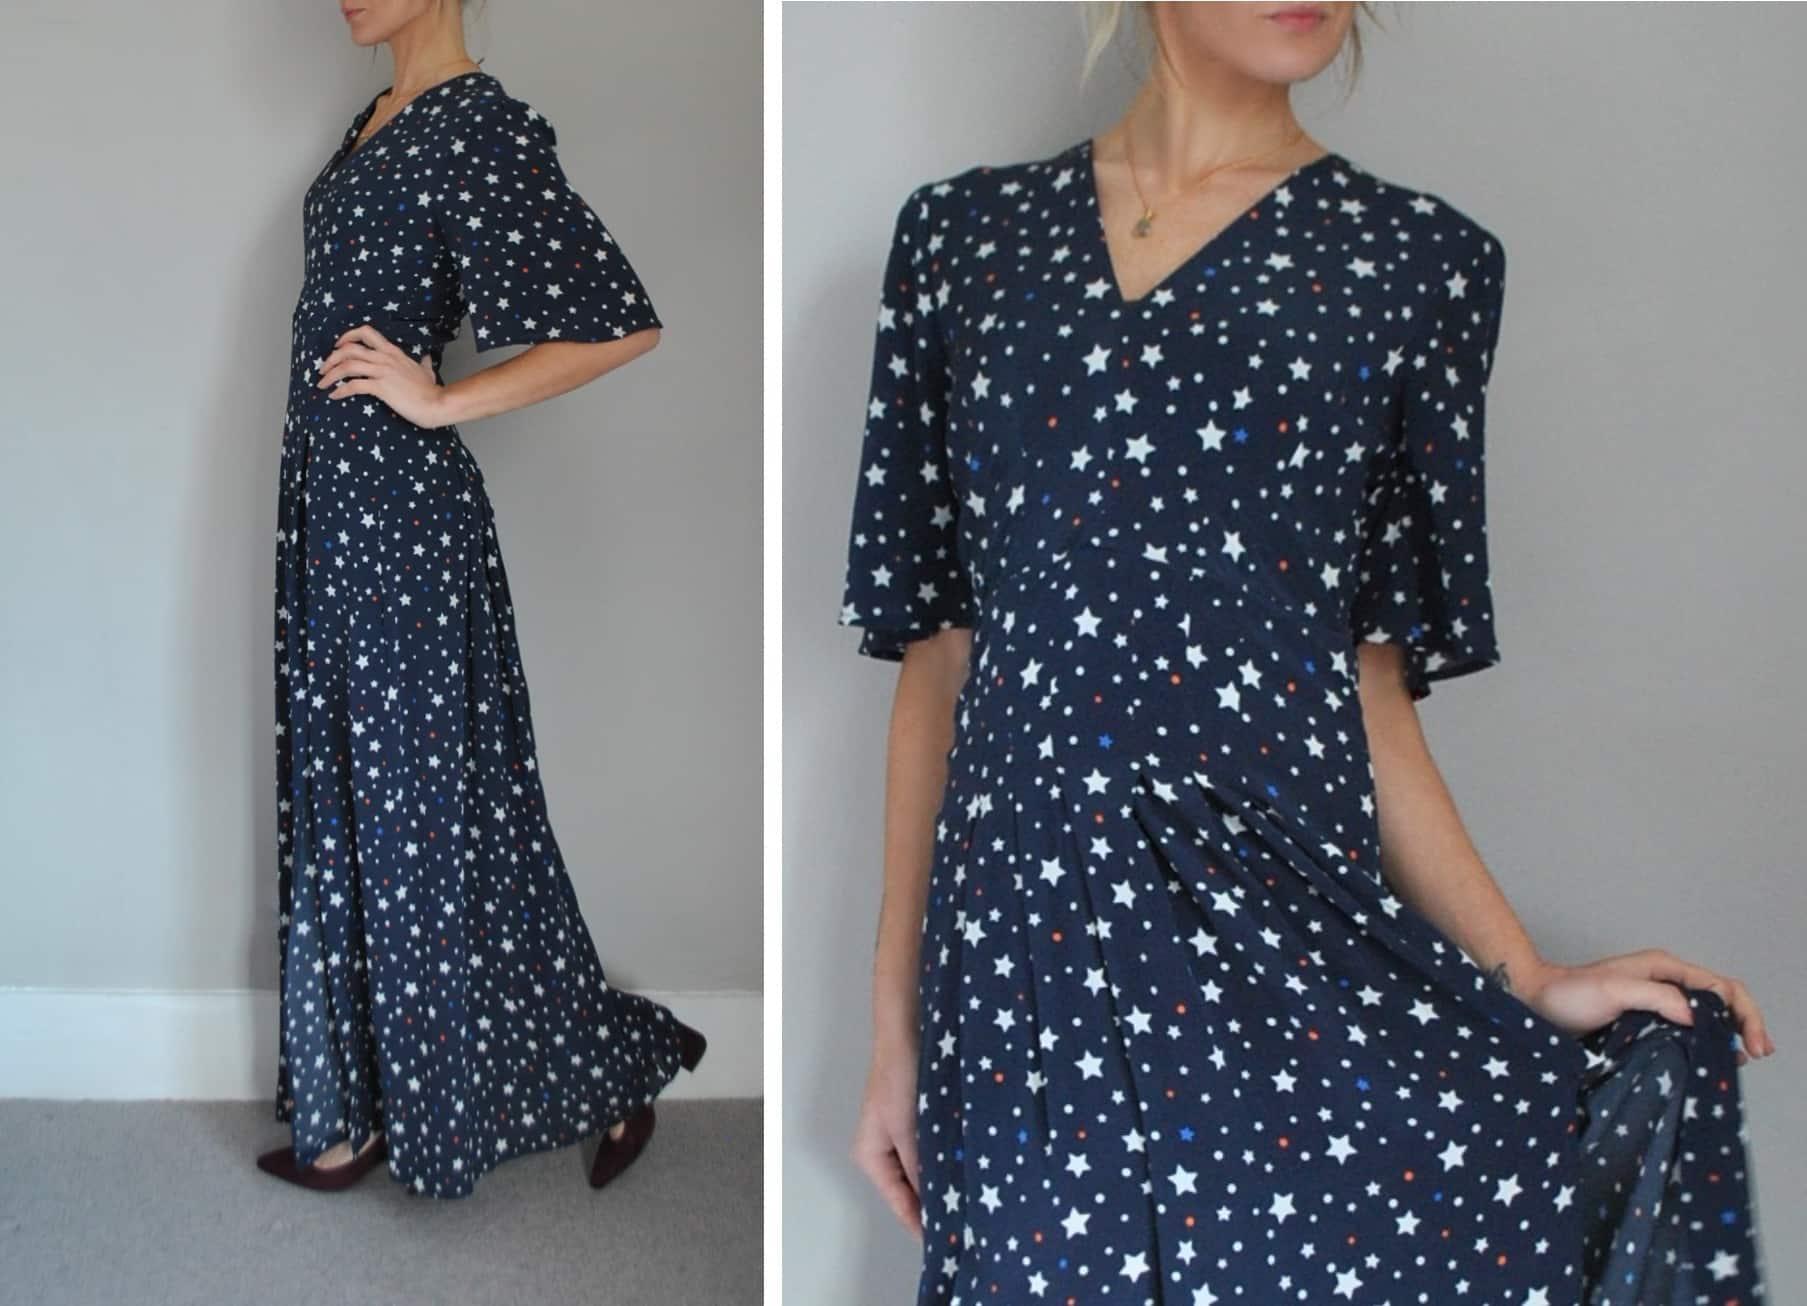 Pyrus-star-dress